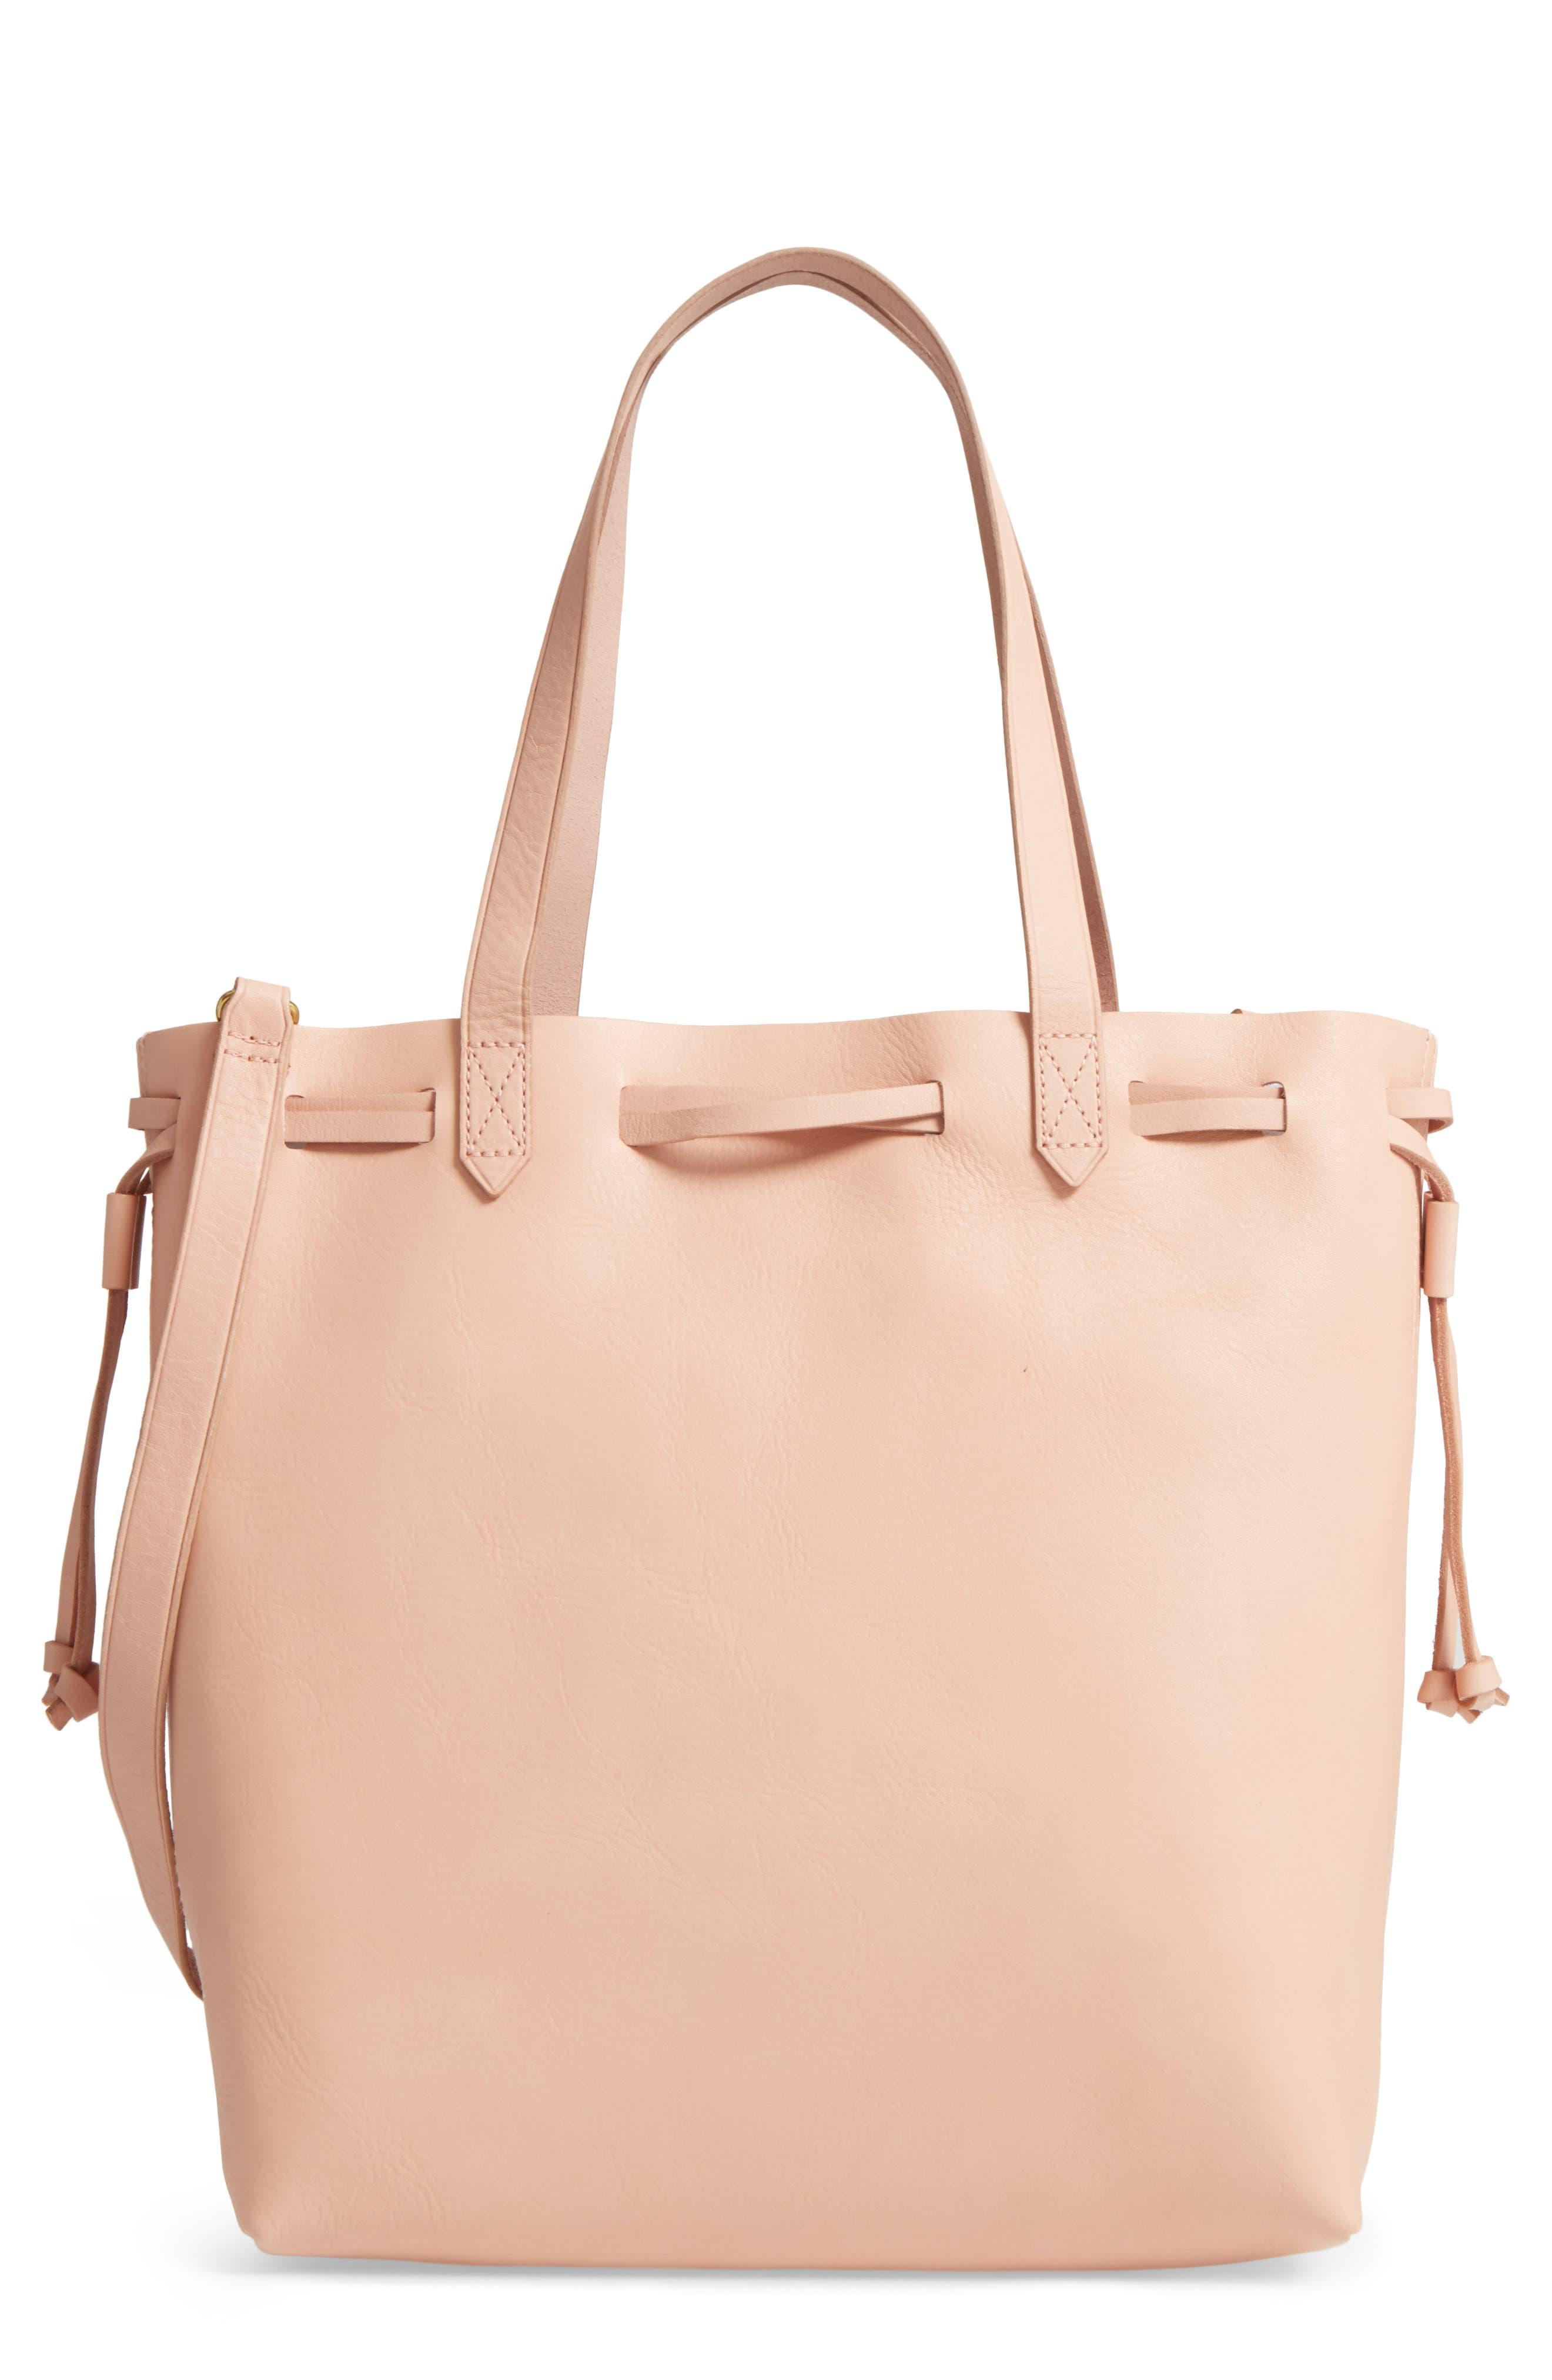 Madewell Medium Transport Leather Bucket Bag